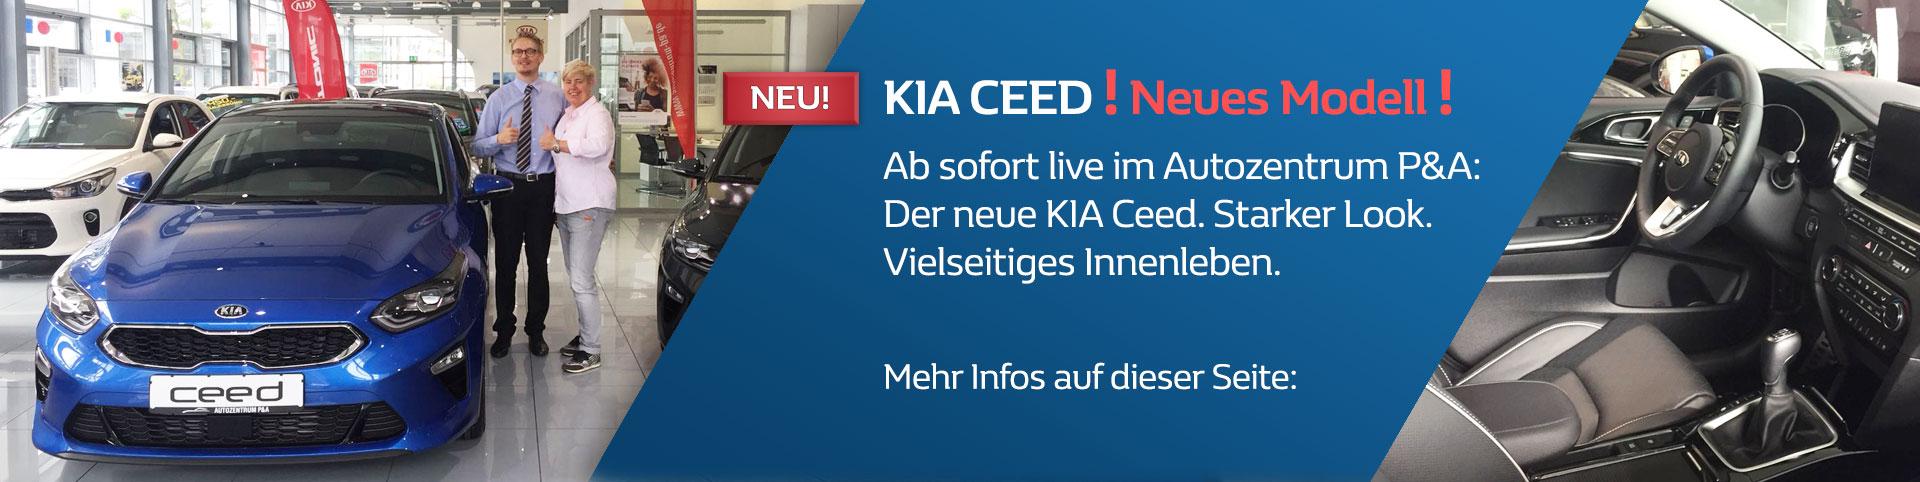 Der neue KIA Ceed im Autozentrum P&A